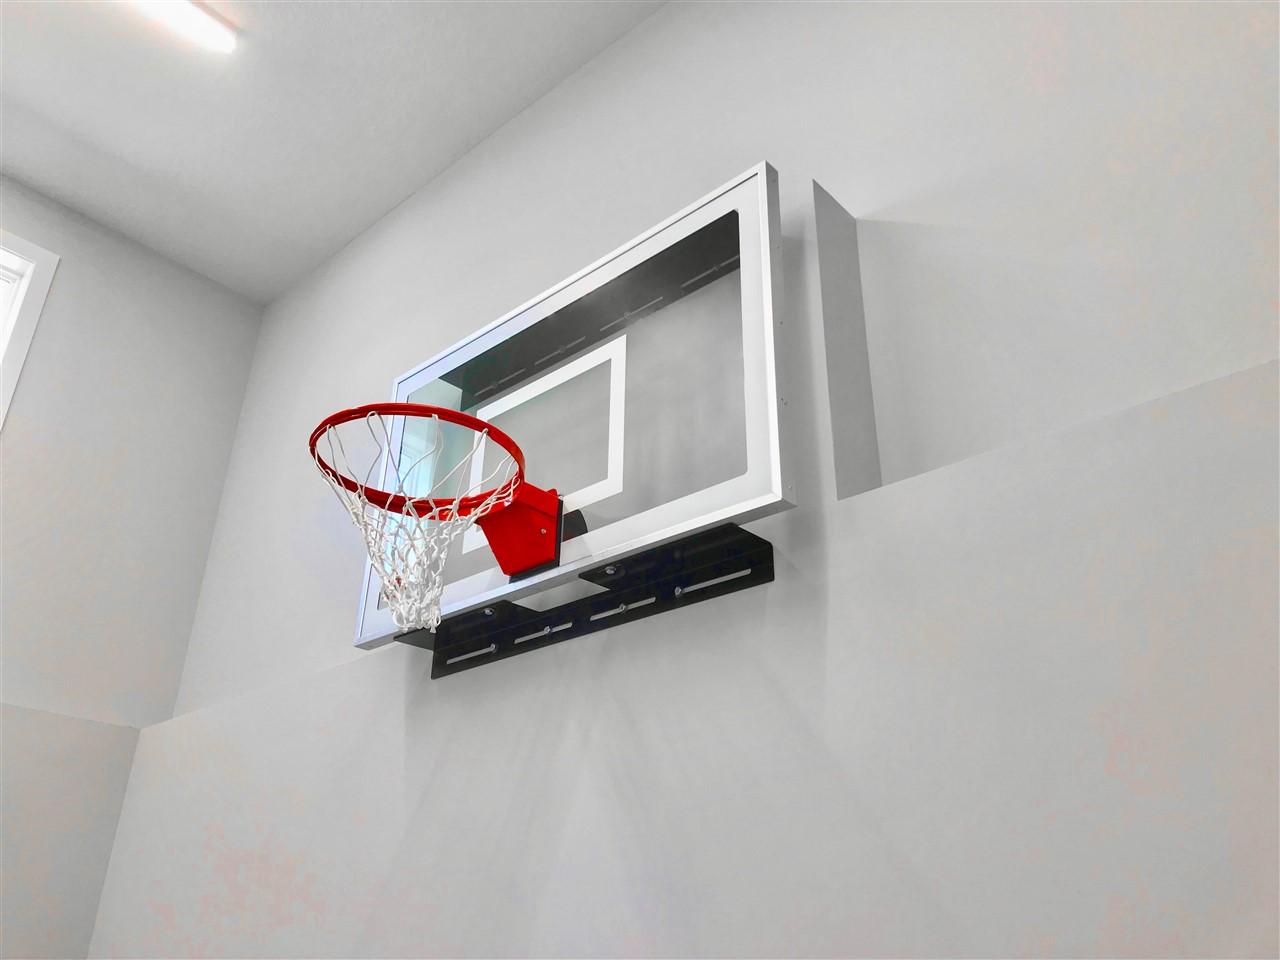 Gladiator Fixed Mount Basketball Hoop